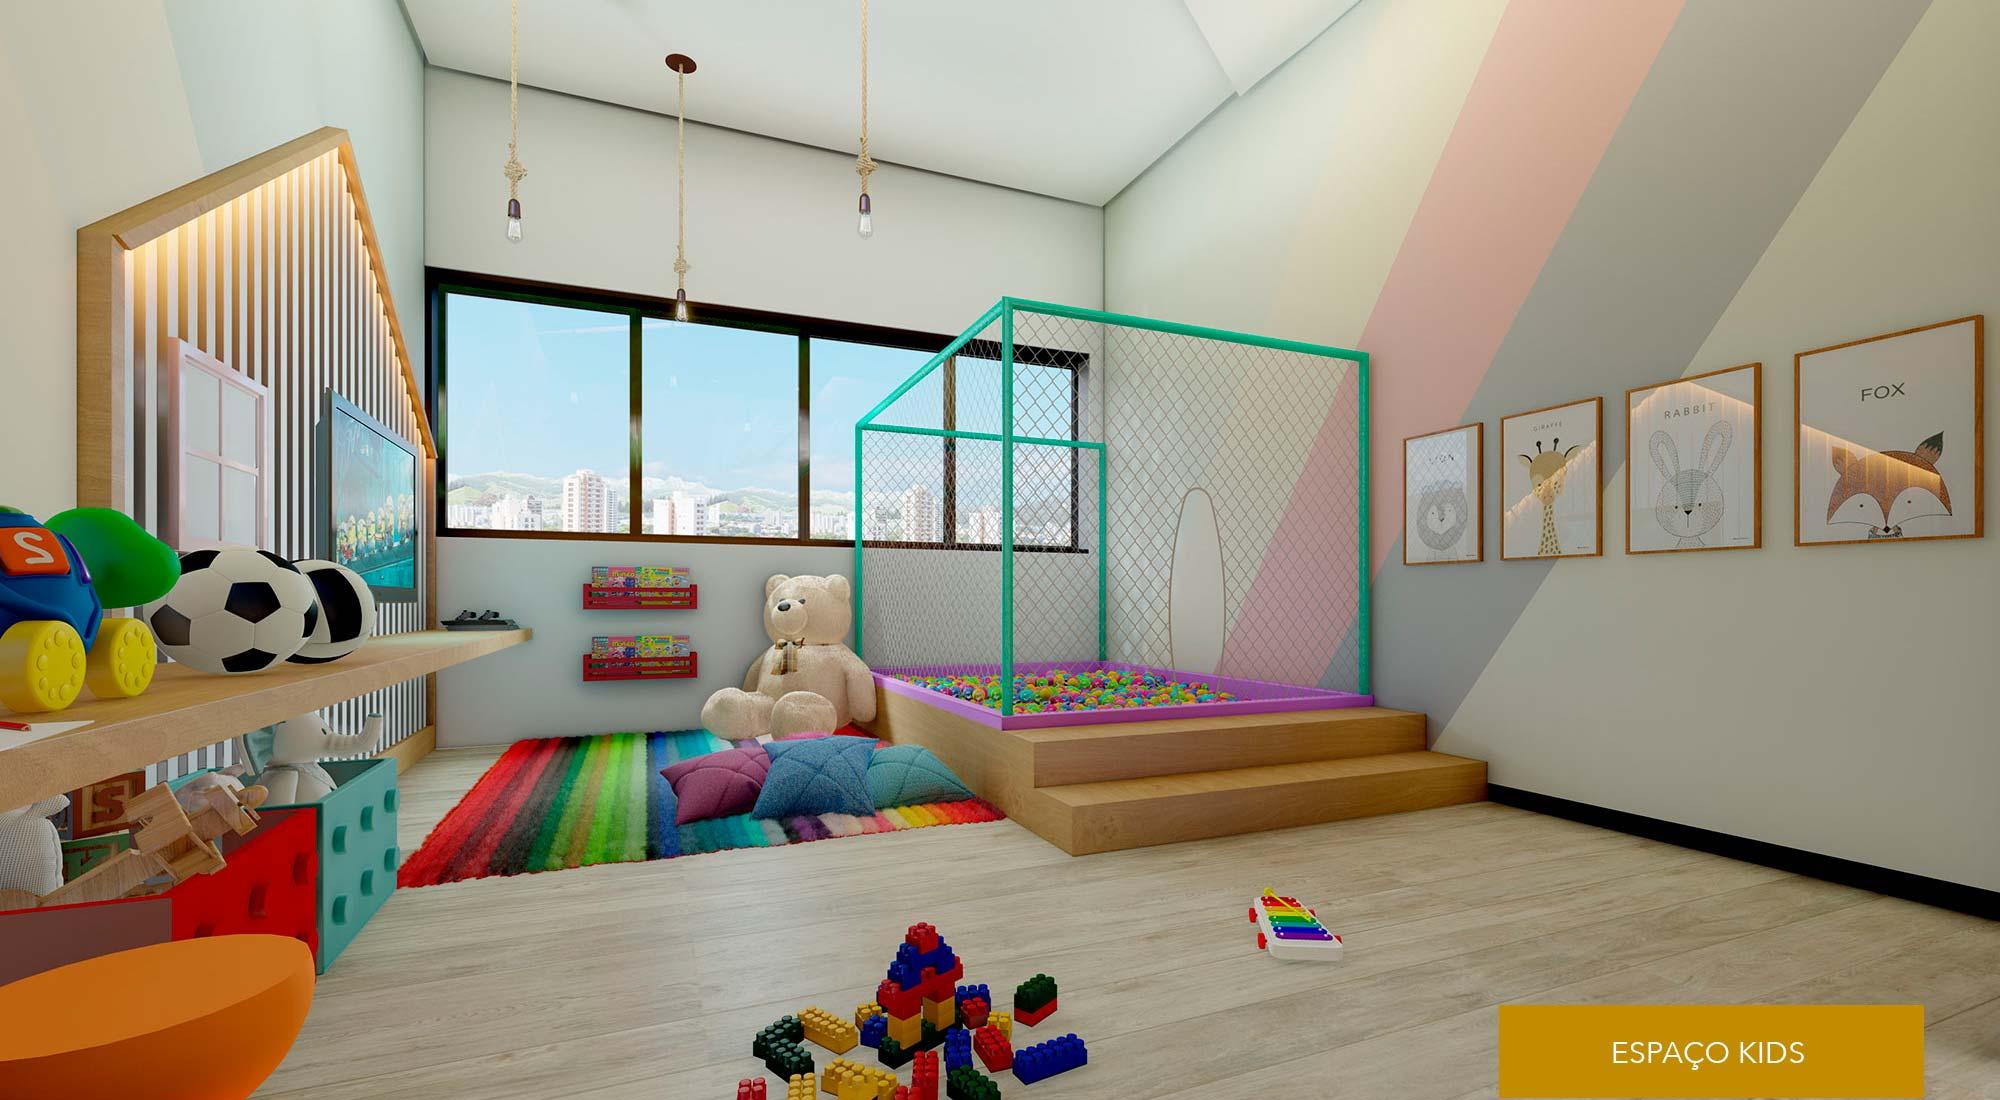 kids-the-one-residence-carrosel